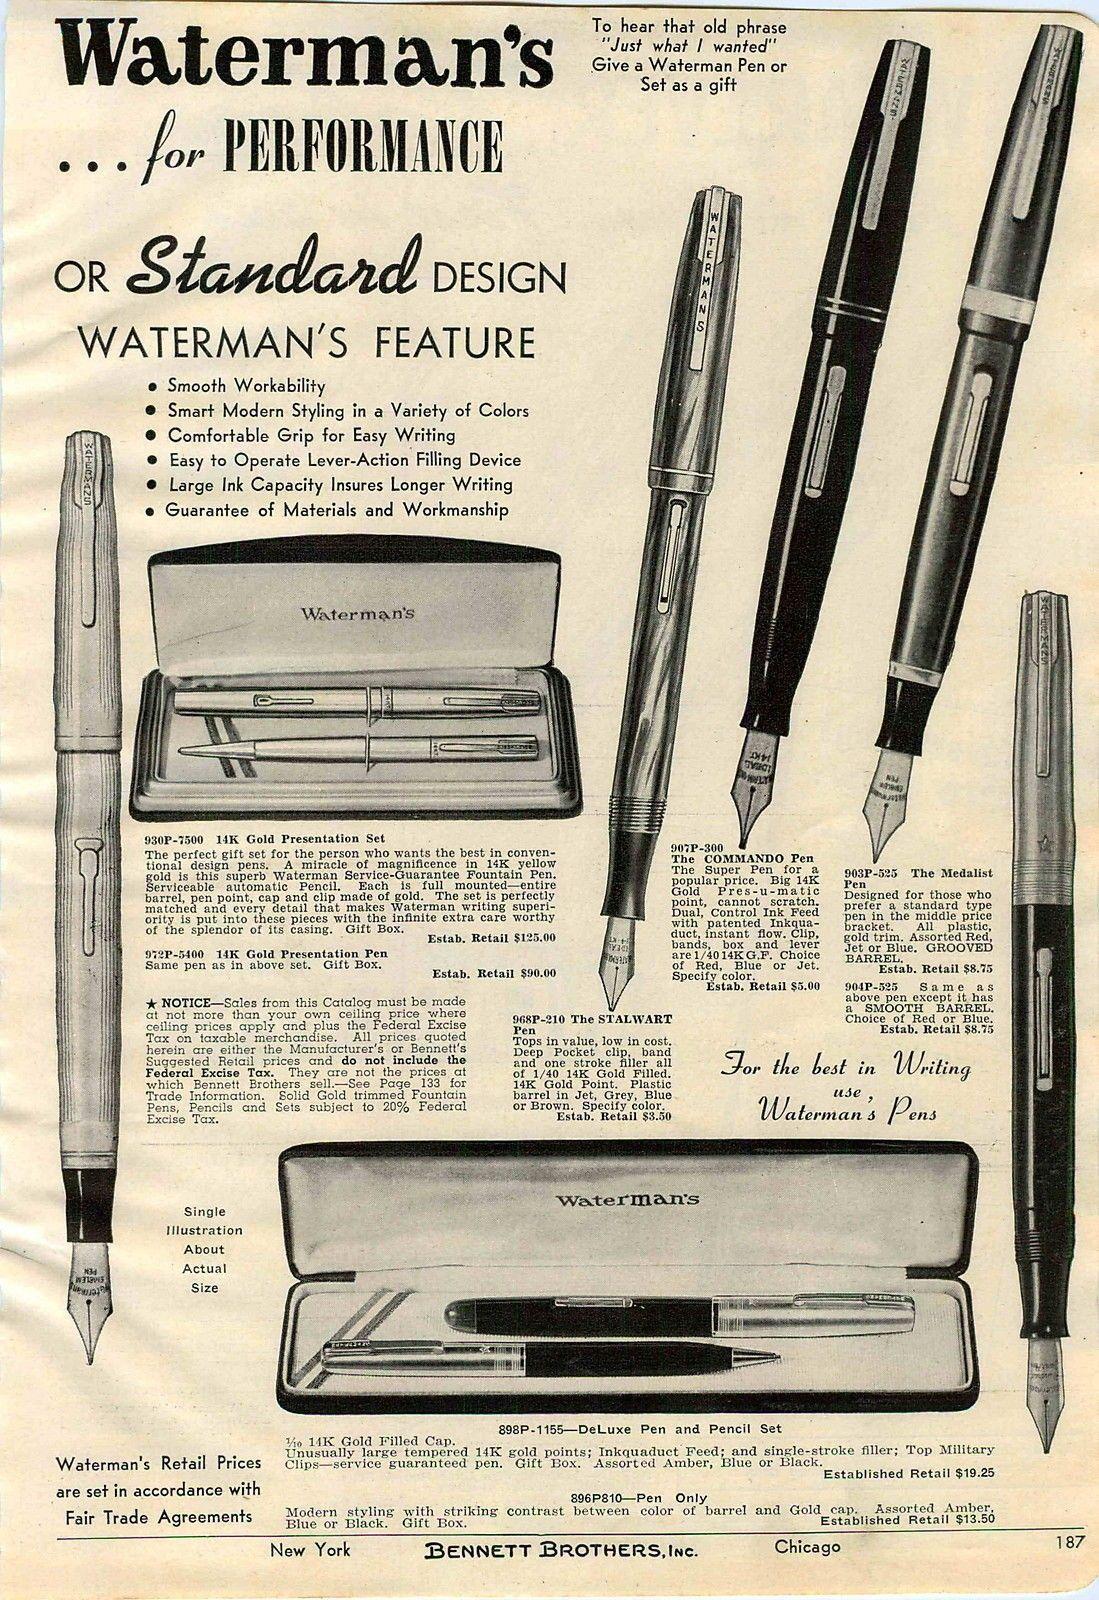 Pin by Michael G. Skaggs on Waterman Waterman pens